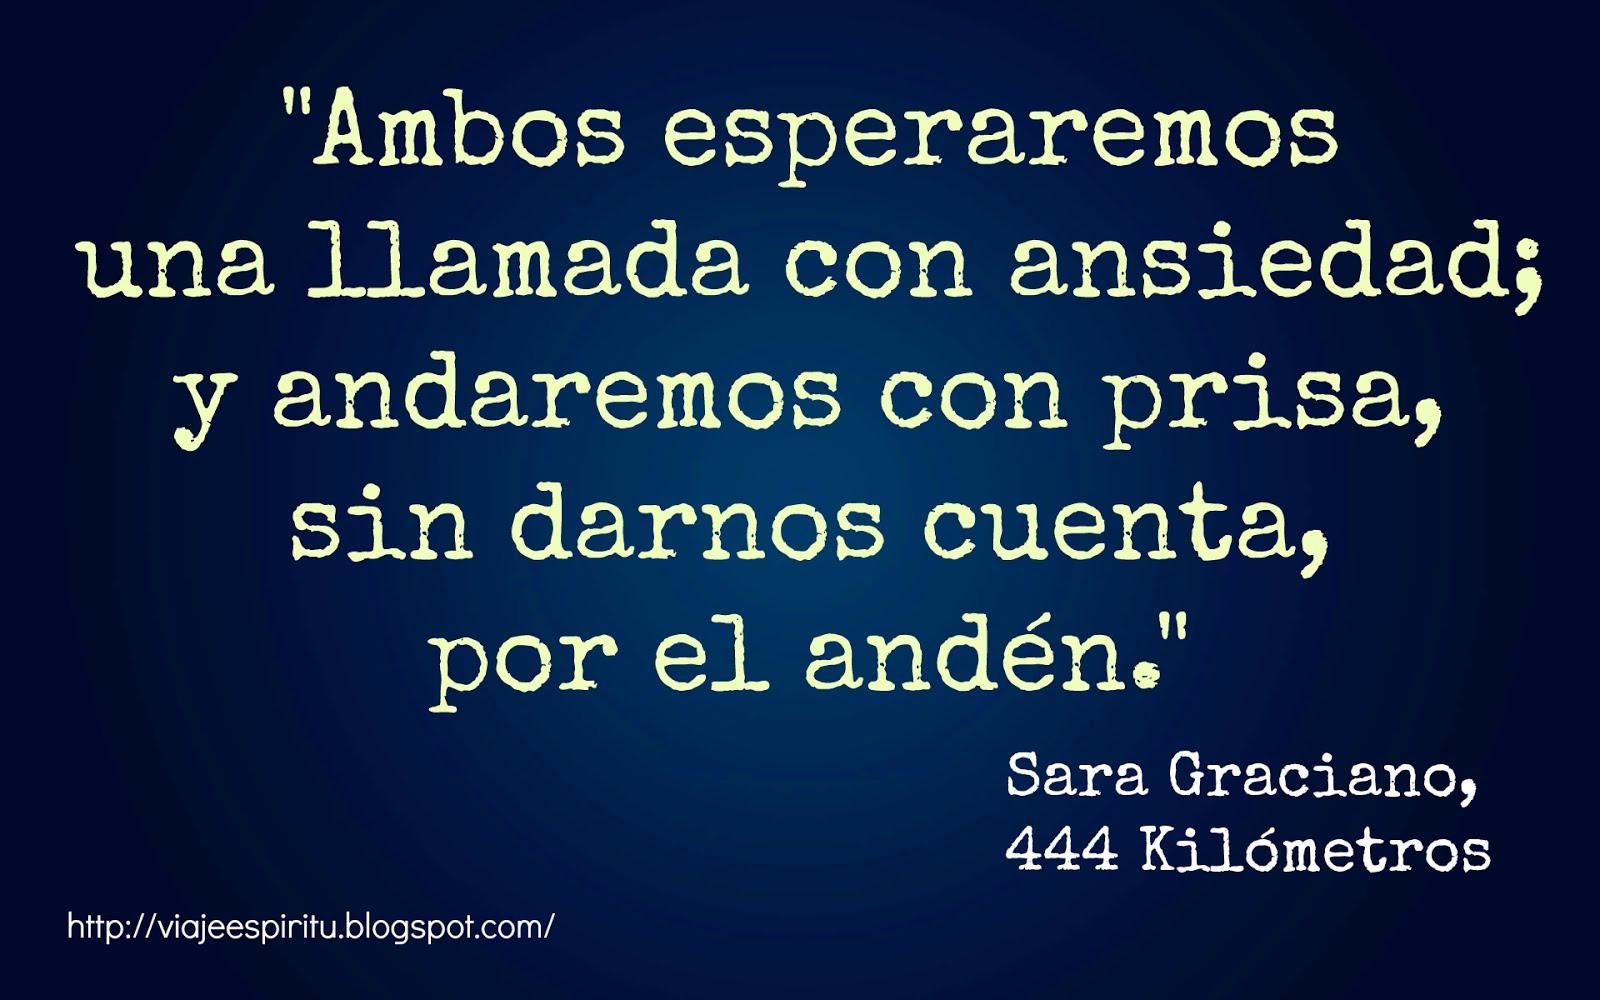 Sara Graciano, 444 Kilómetros